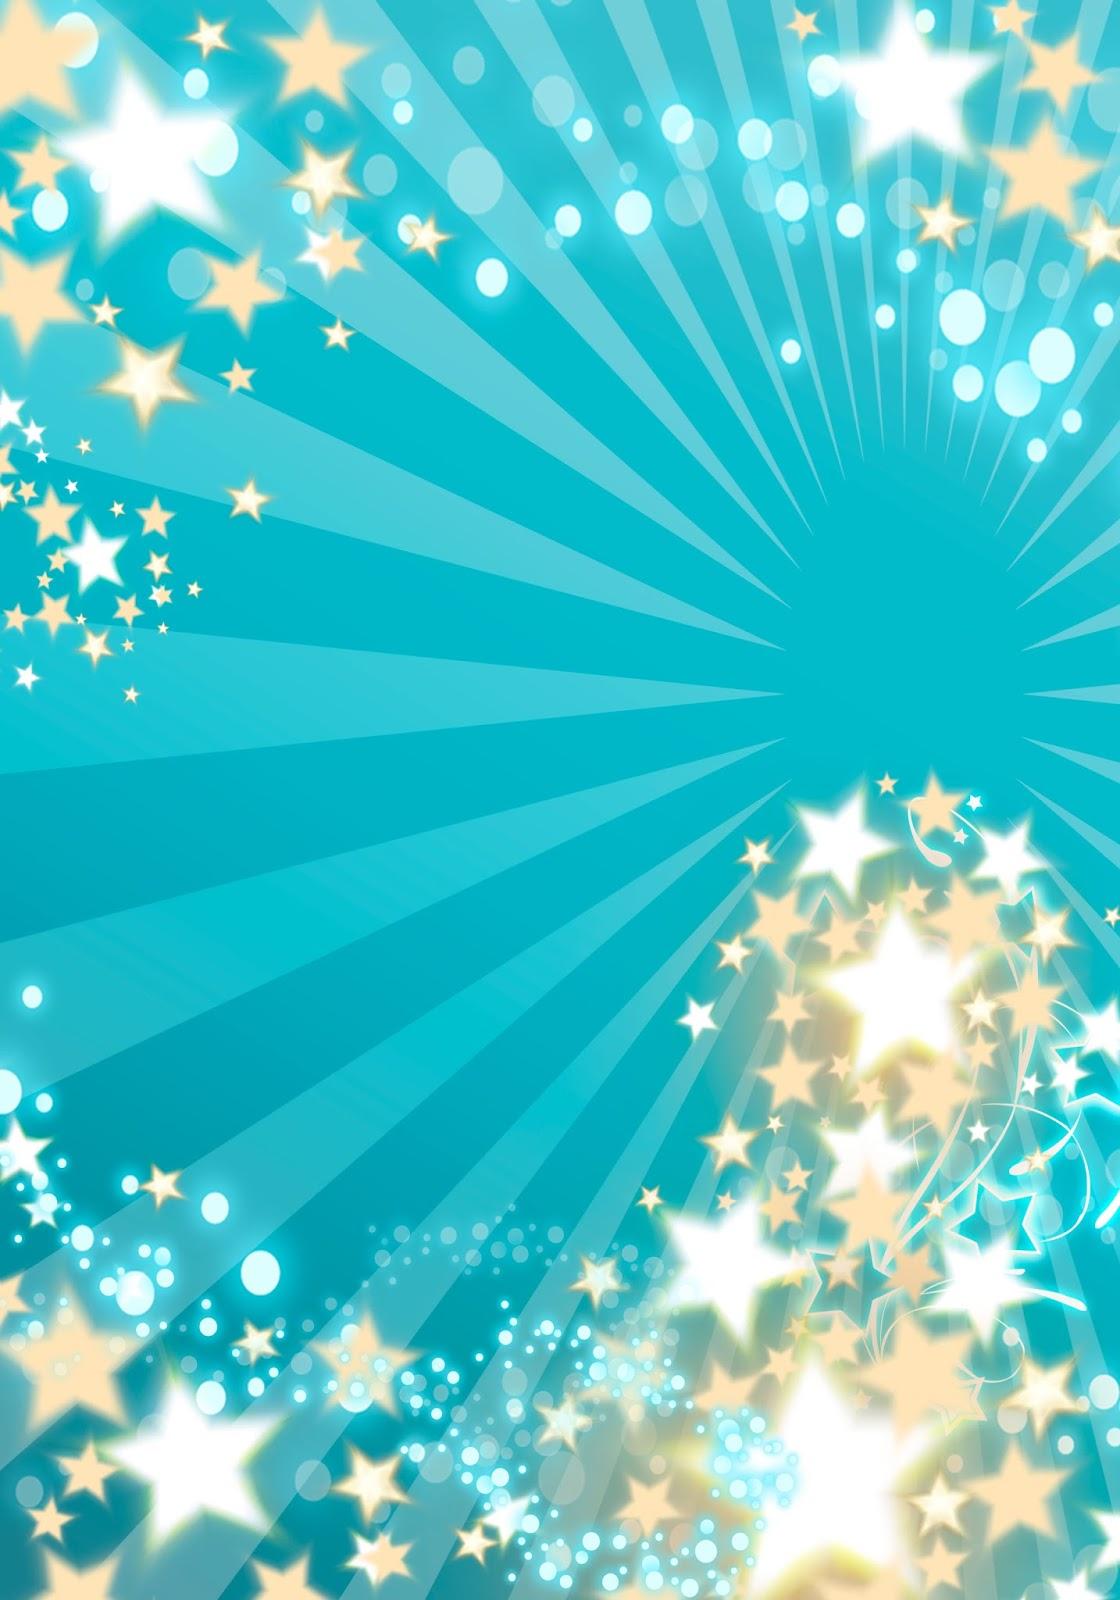 Tarjeta de Invitación para 15 Años Turquesa con Estrellas - DAVINCI